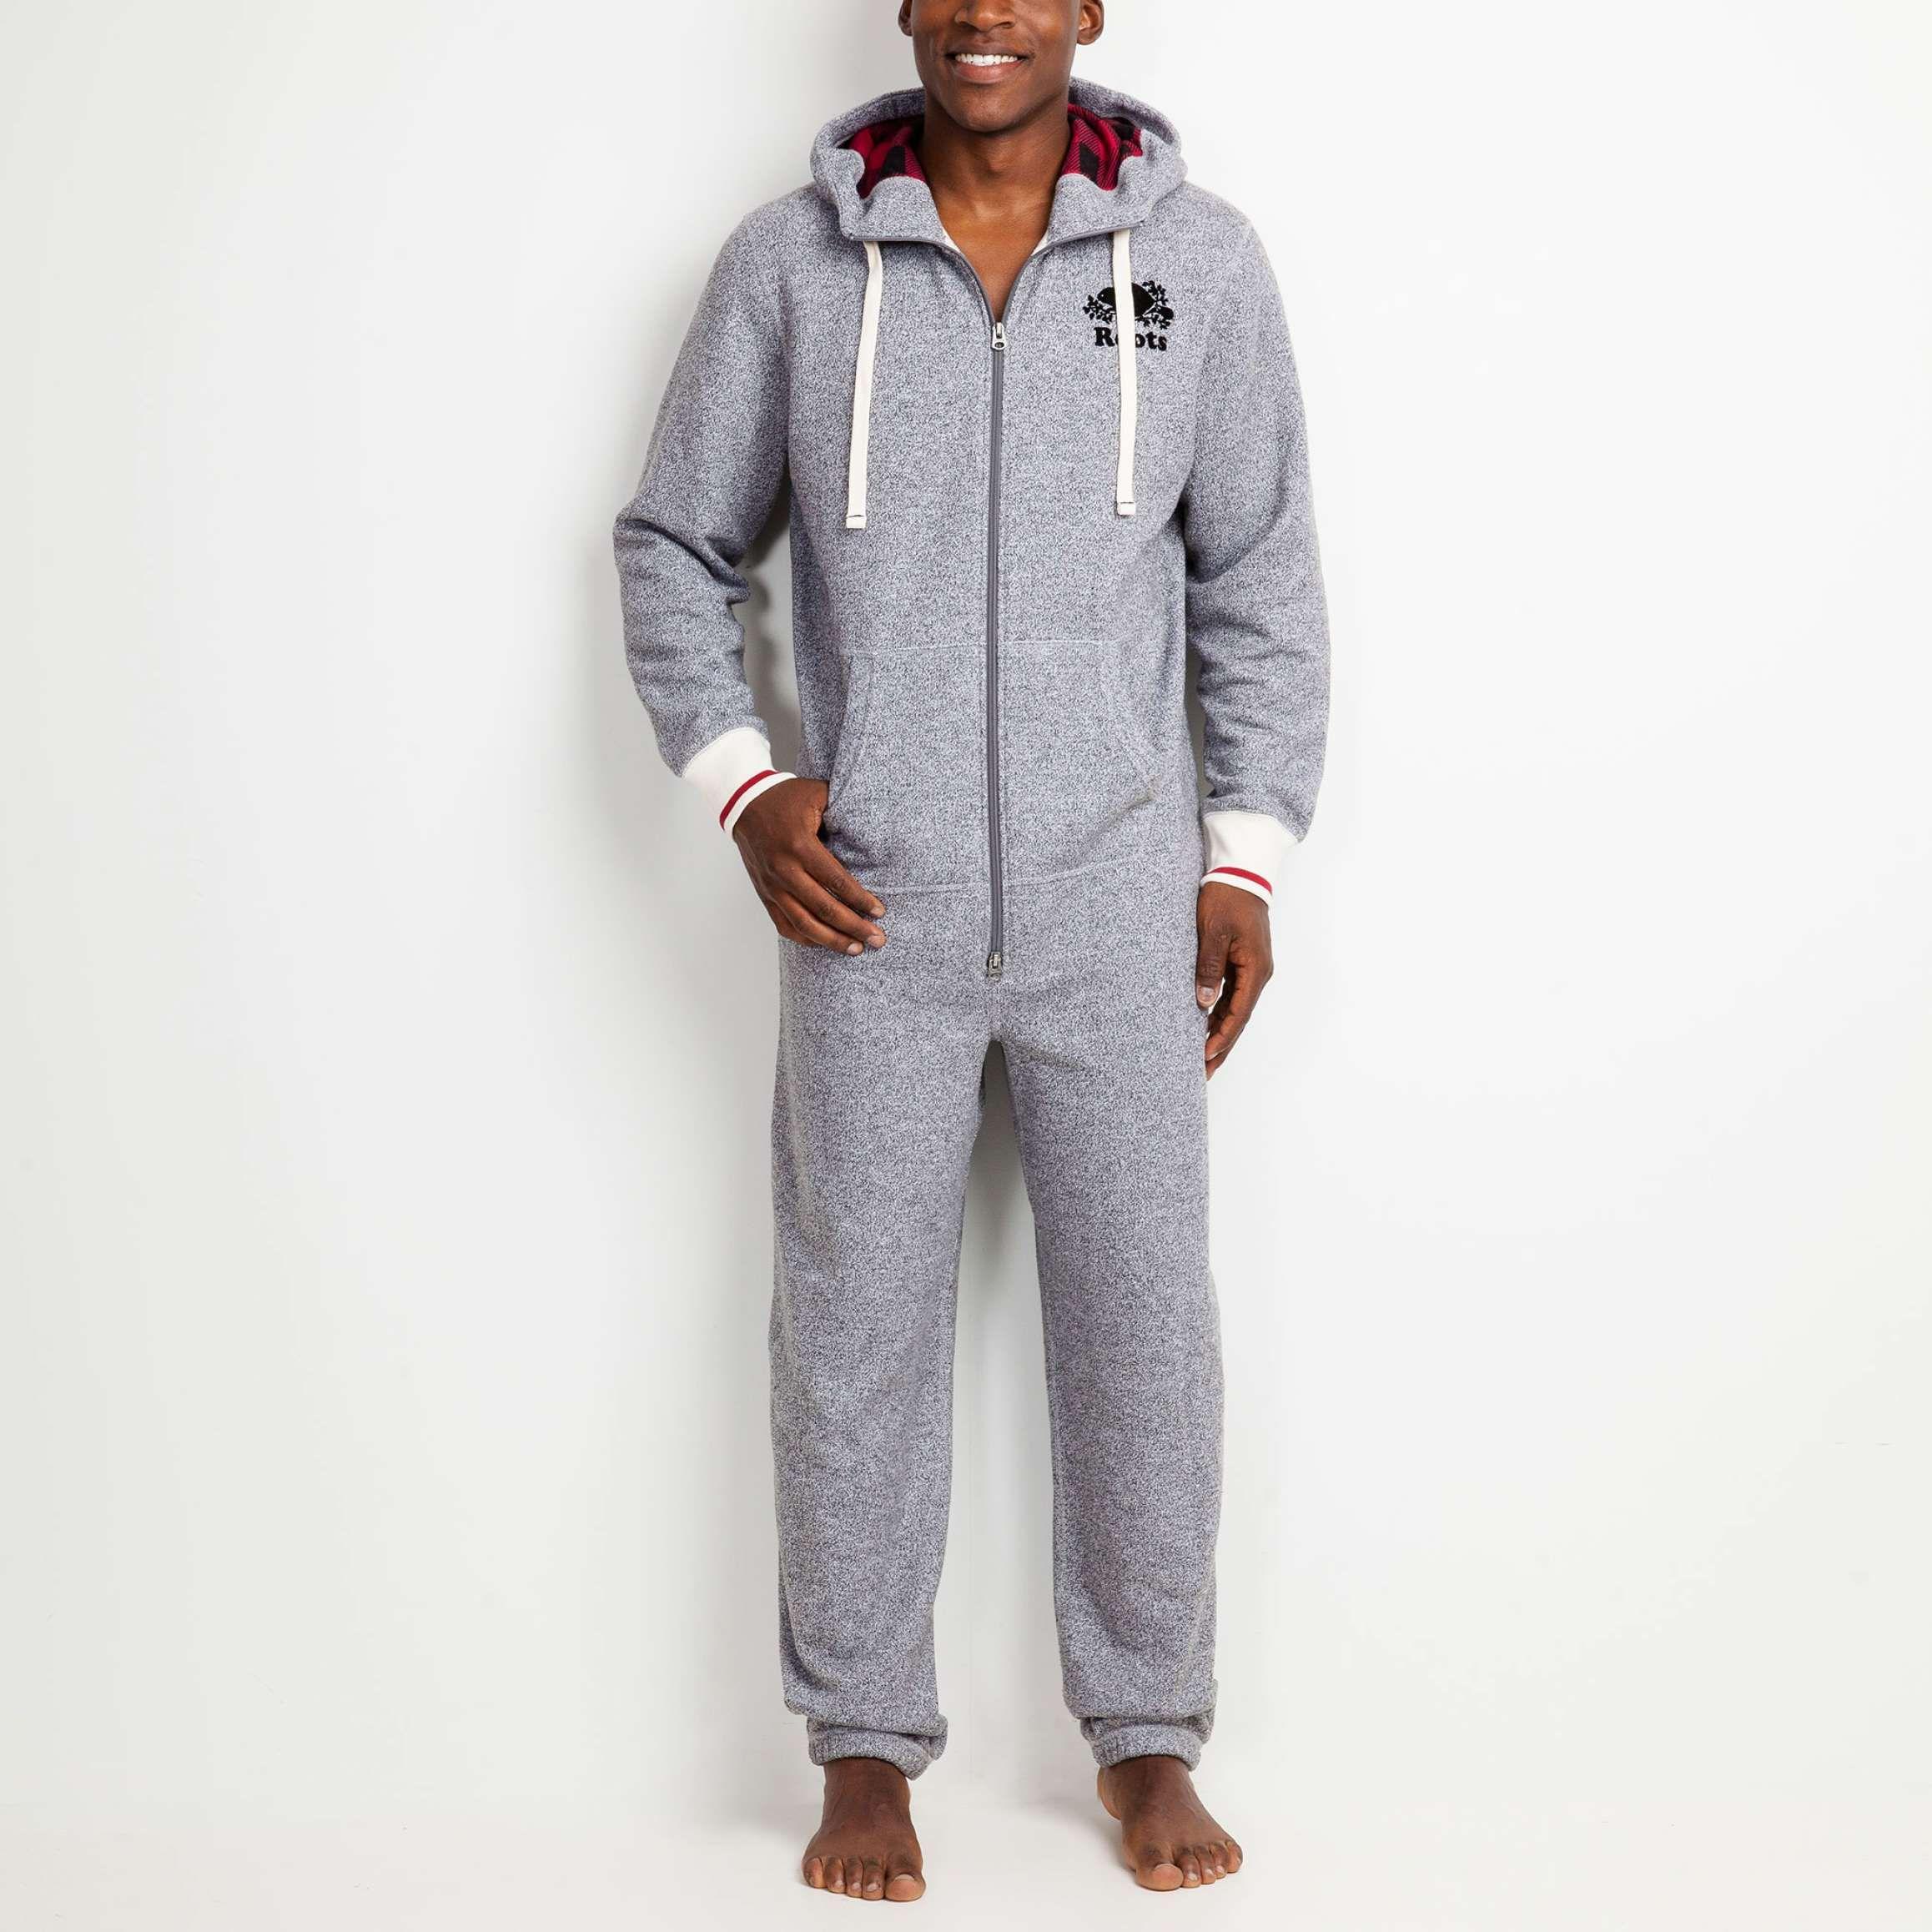 Mens Cabin Onesie Roots Sleepwear for Men Lounge wear